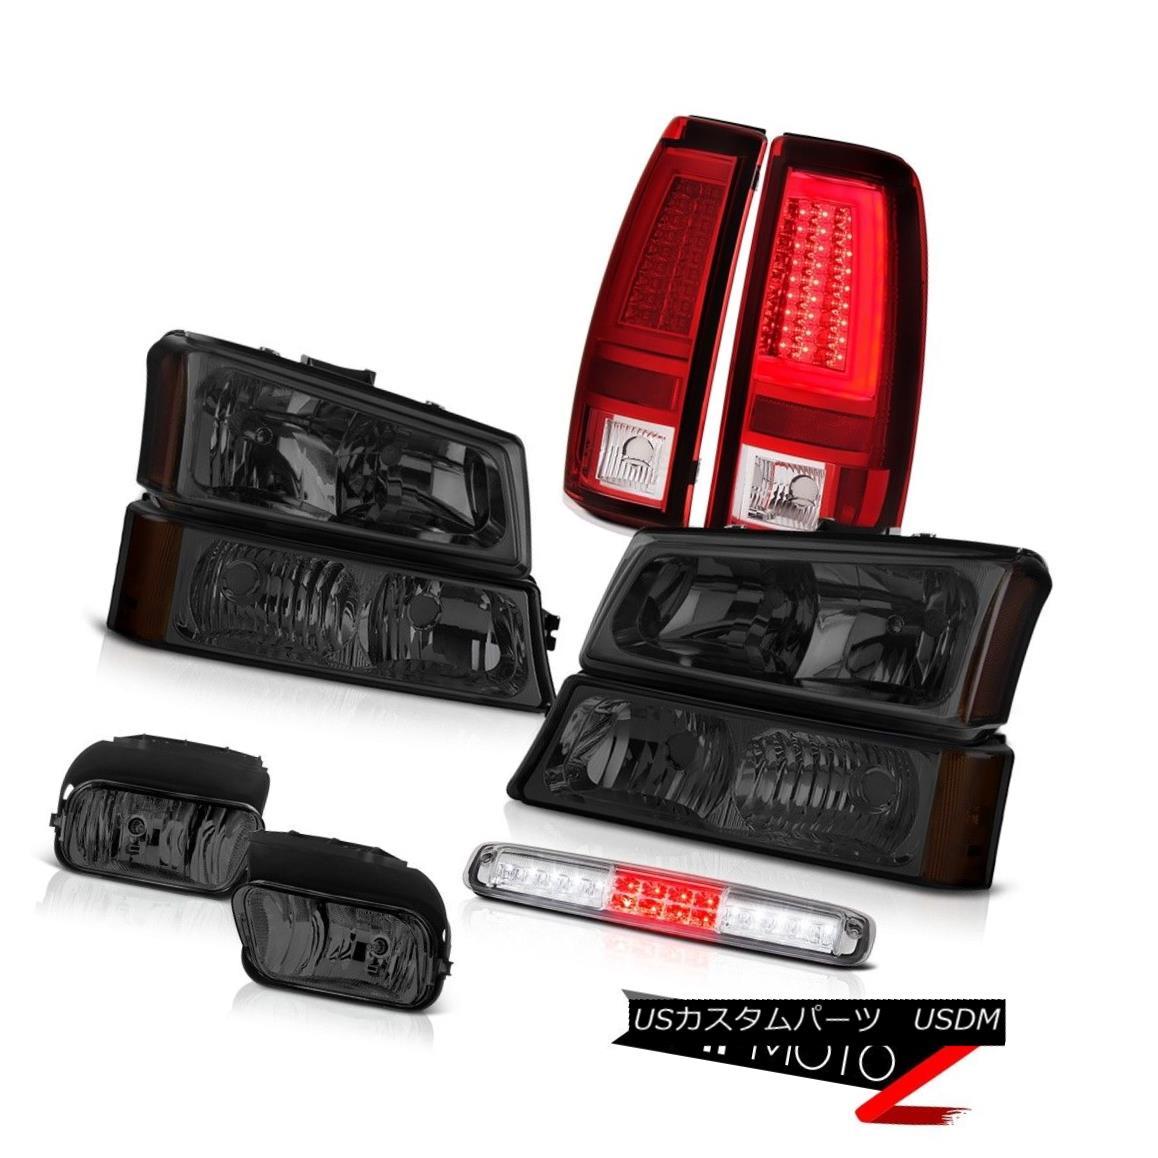 テールライト 03-06 Silverado 2500Hd Tail Lights Fog Lamps Bumper Lamp Roof Brake Headlights 03-06 Silverado 2500Hdテールライトフォグランプバンパーランプルーフブレーキヘッドライト